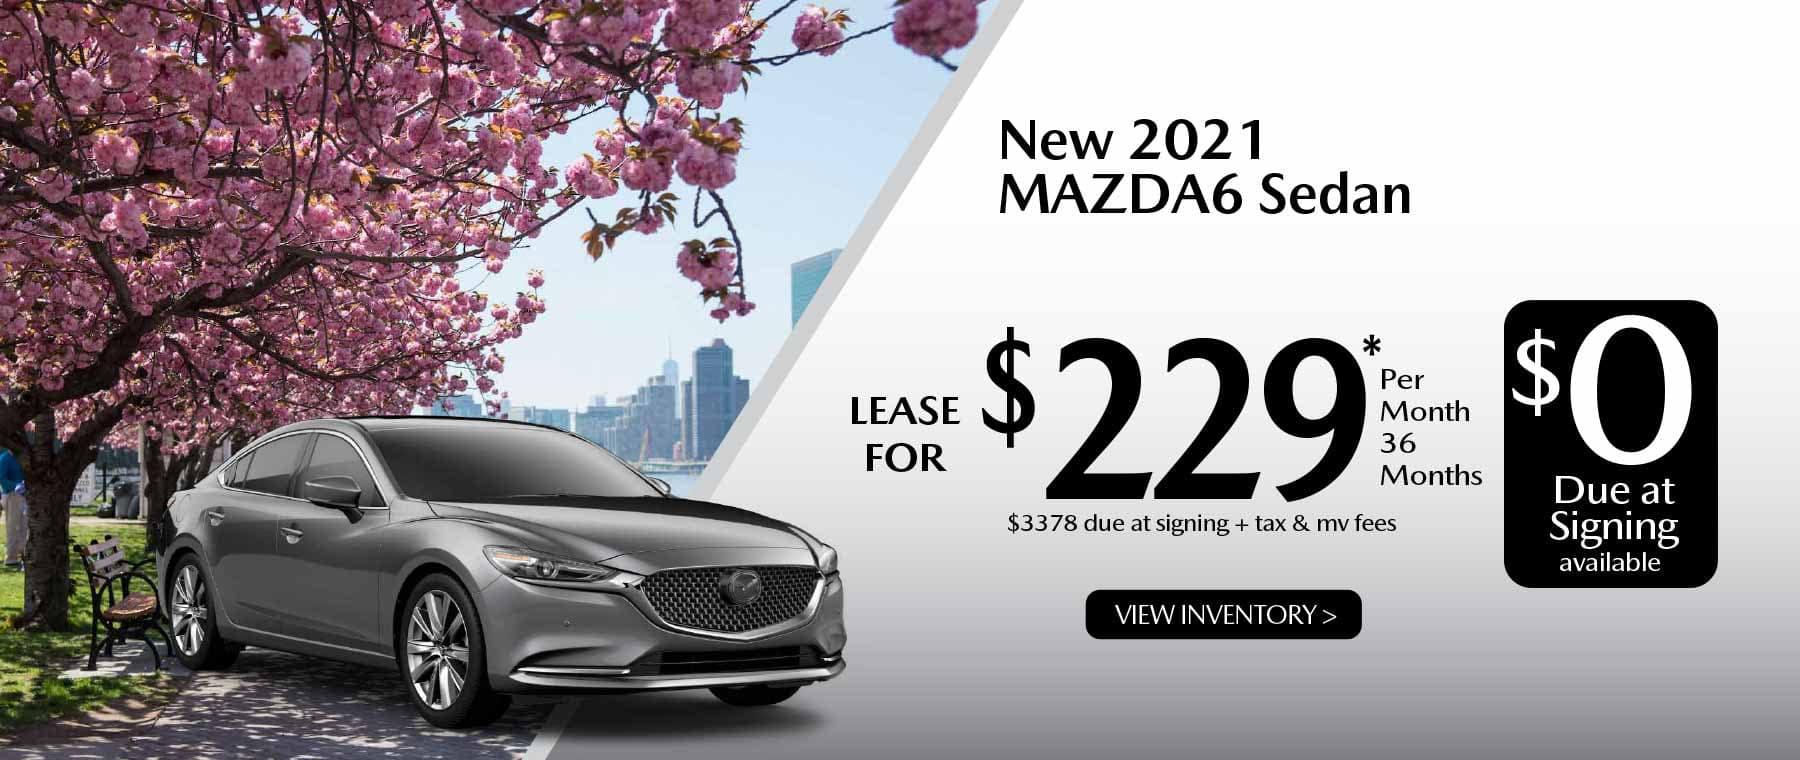 05hi MAZDA6 New Lease Special Offer Garden City Mazda NY